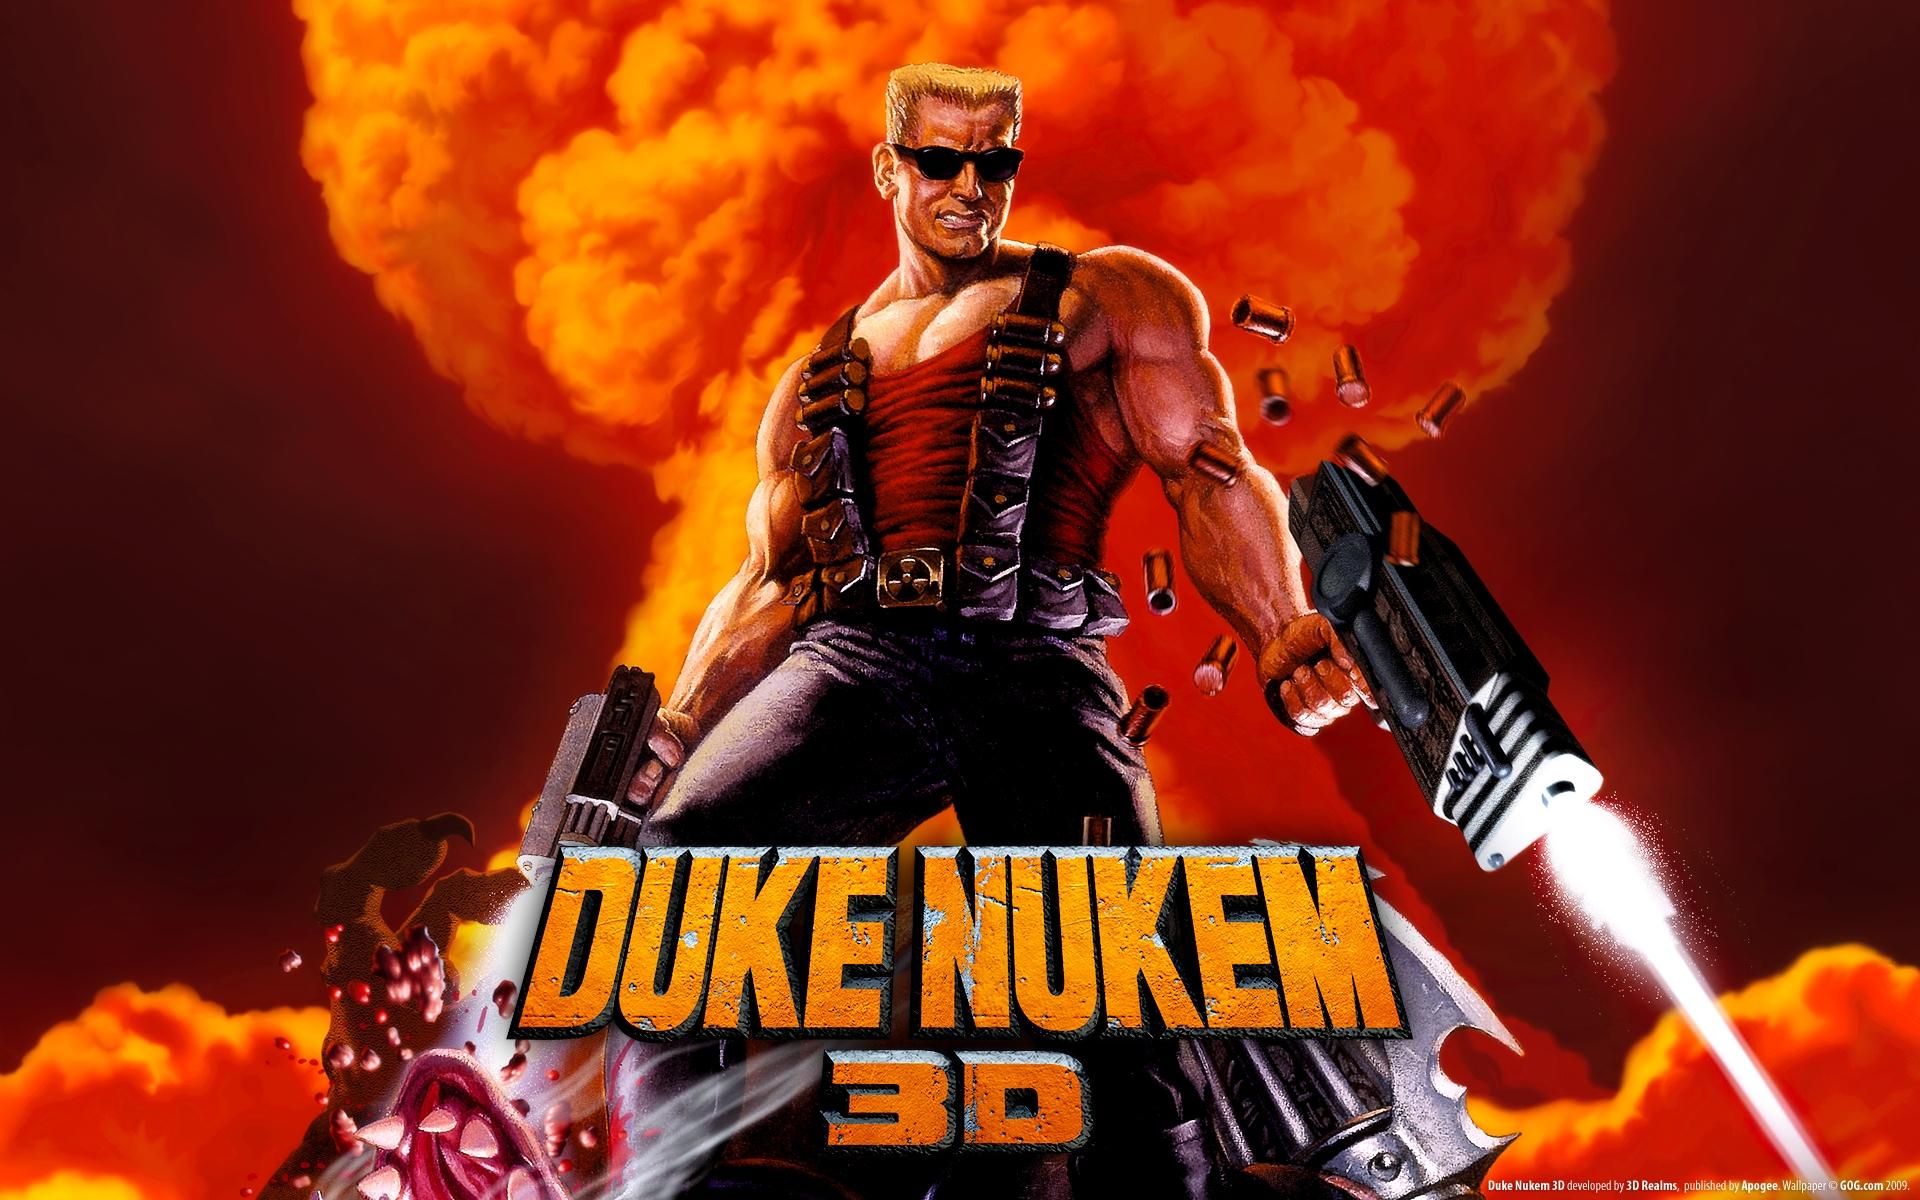 Duke Nukem Forever Wallpaper Wallpaper Full HD 1080p Wallpaper HD 1920x1200